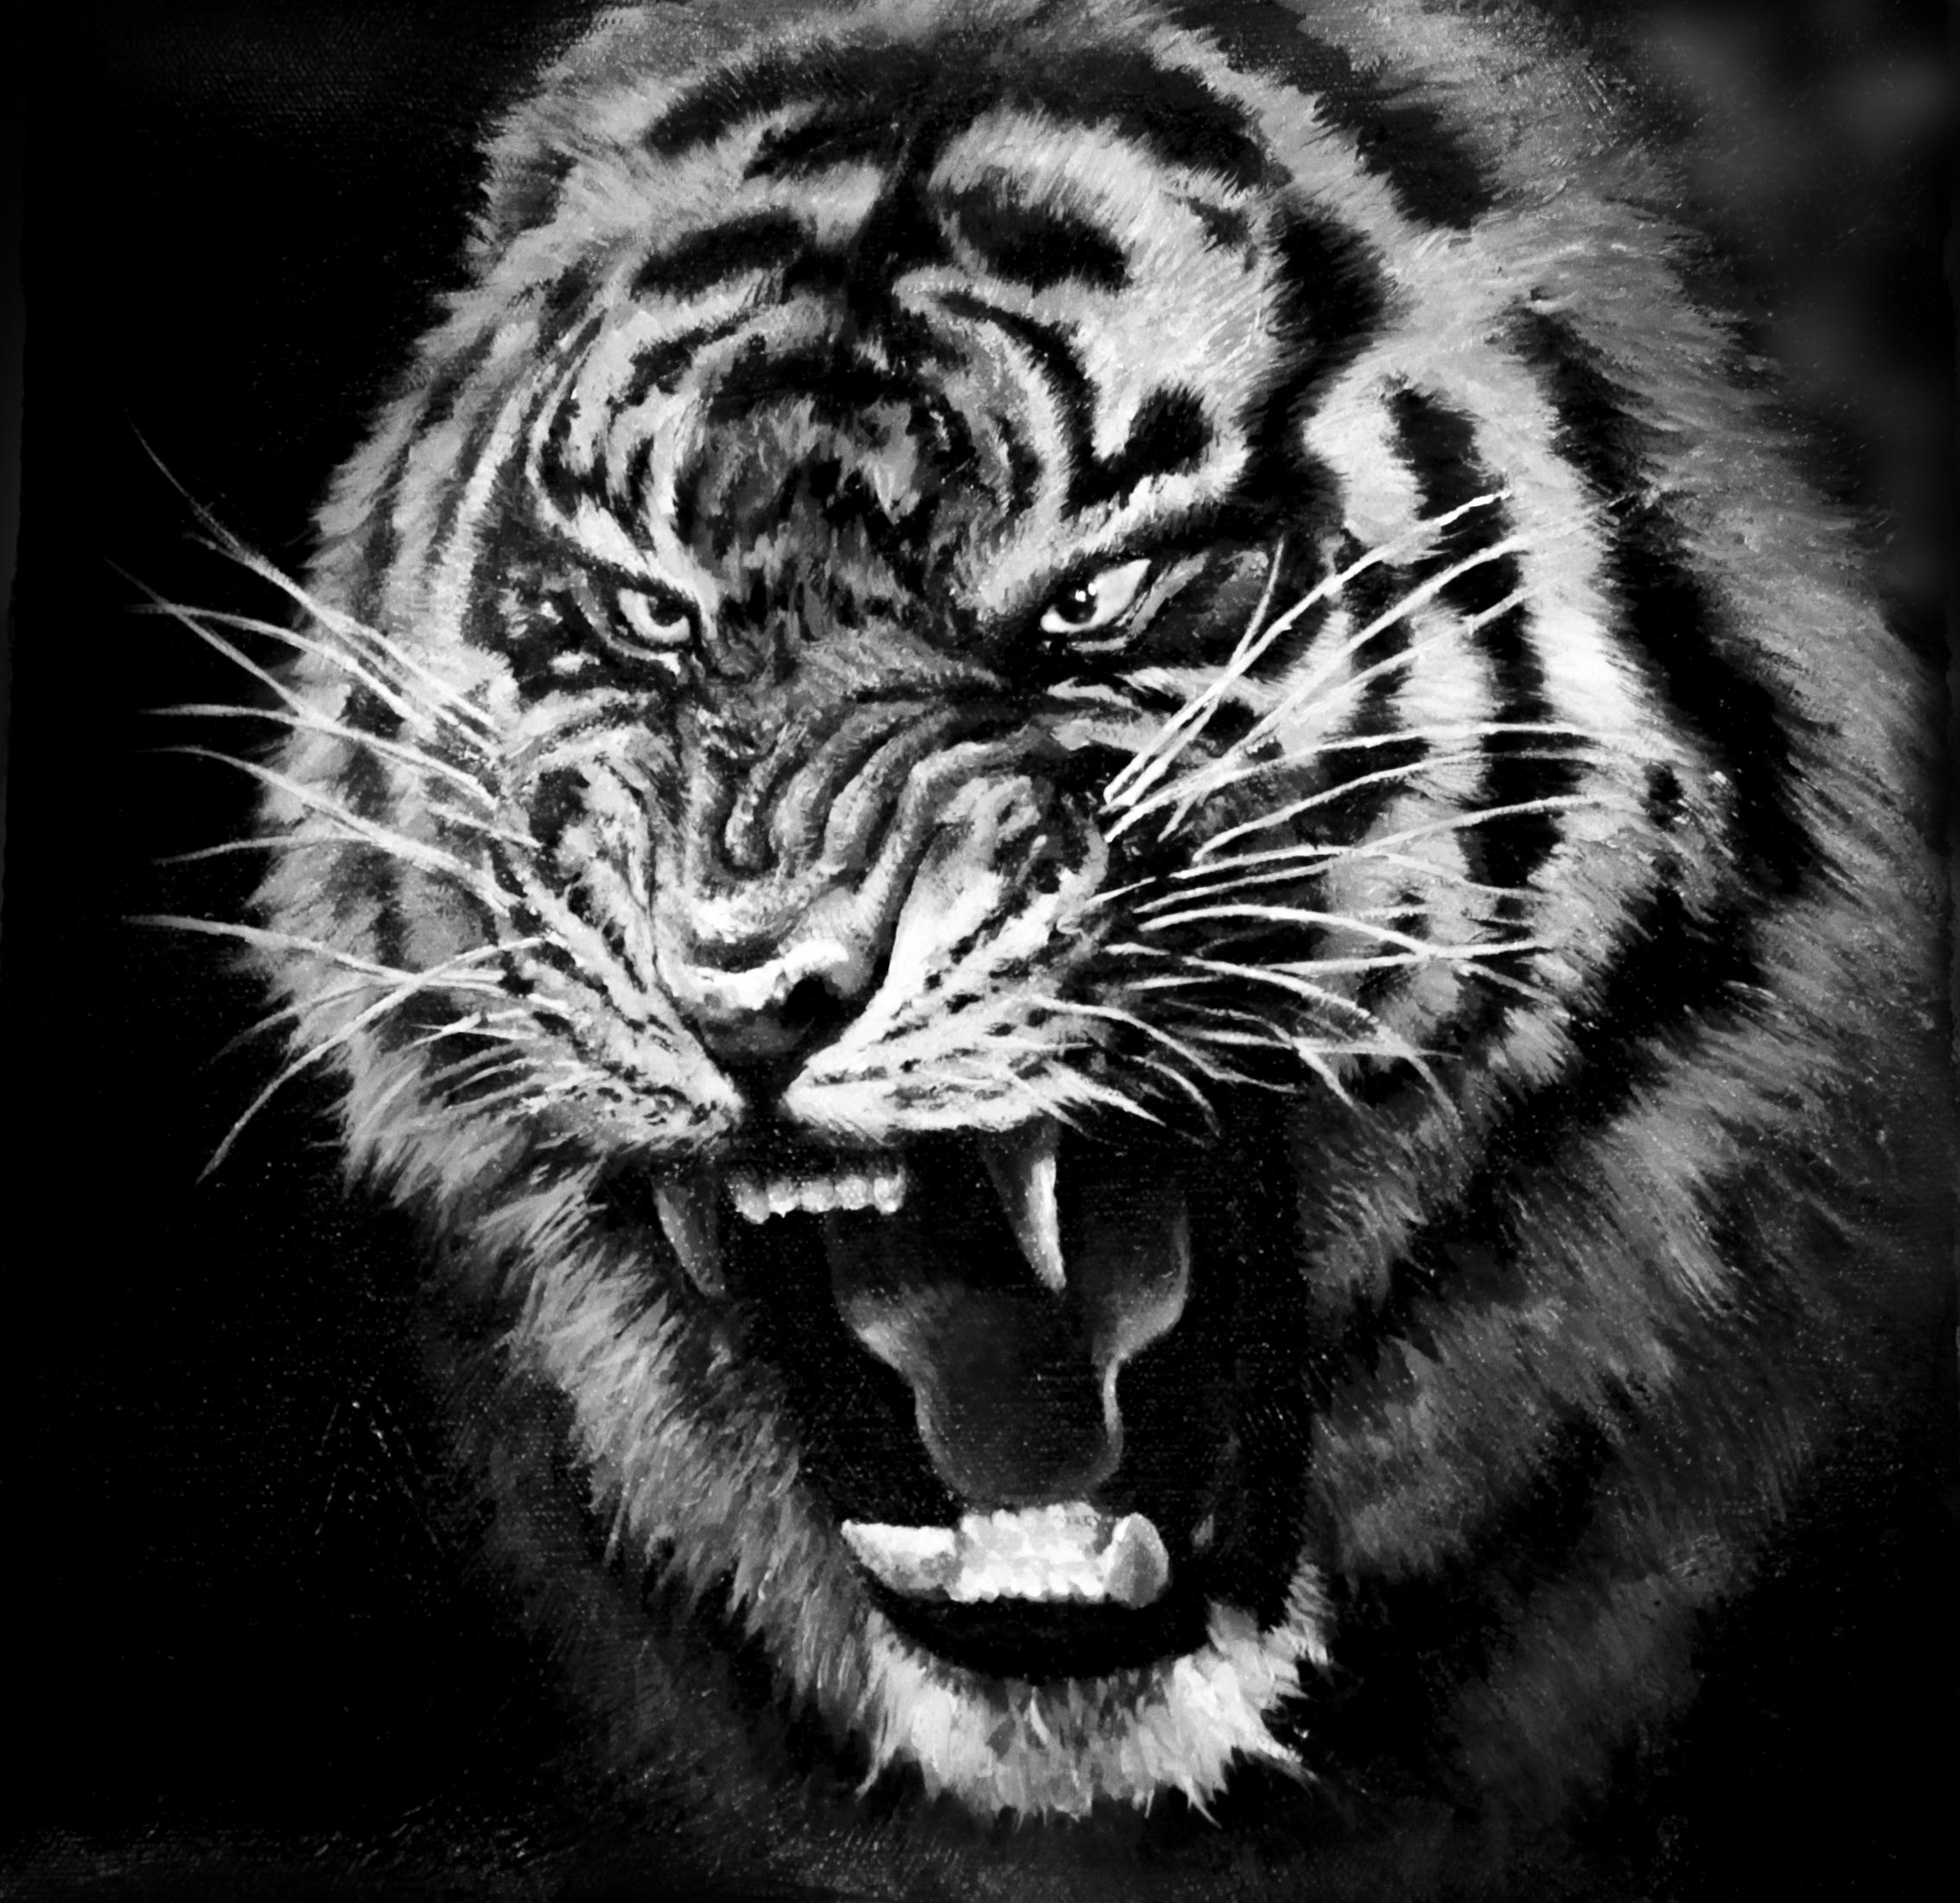 老虎头部-虎头图片